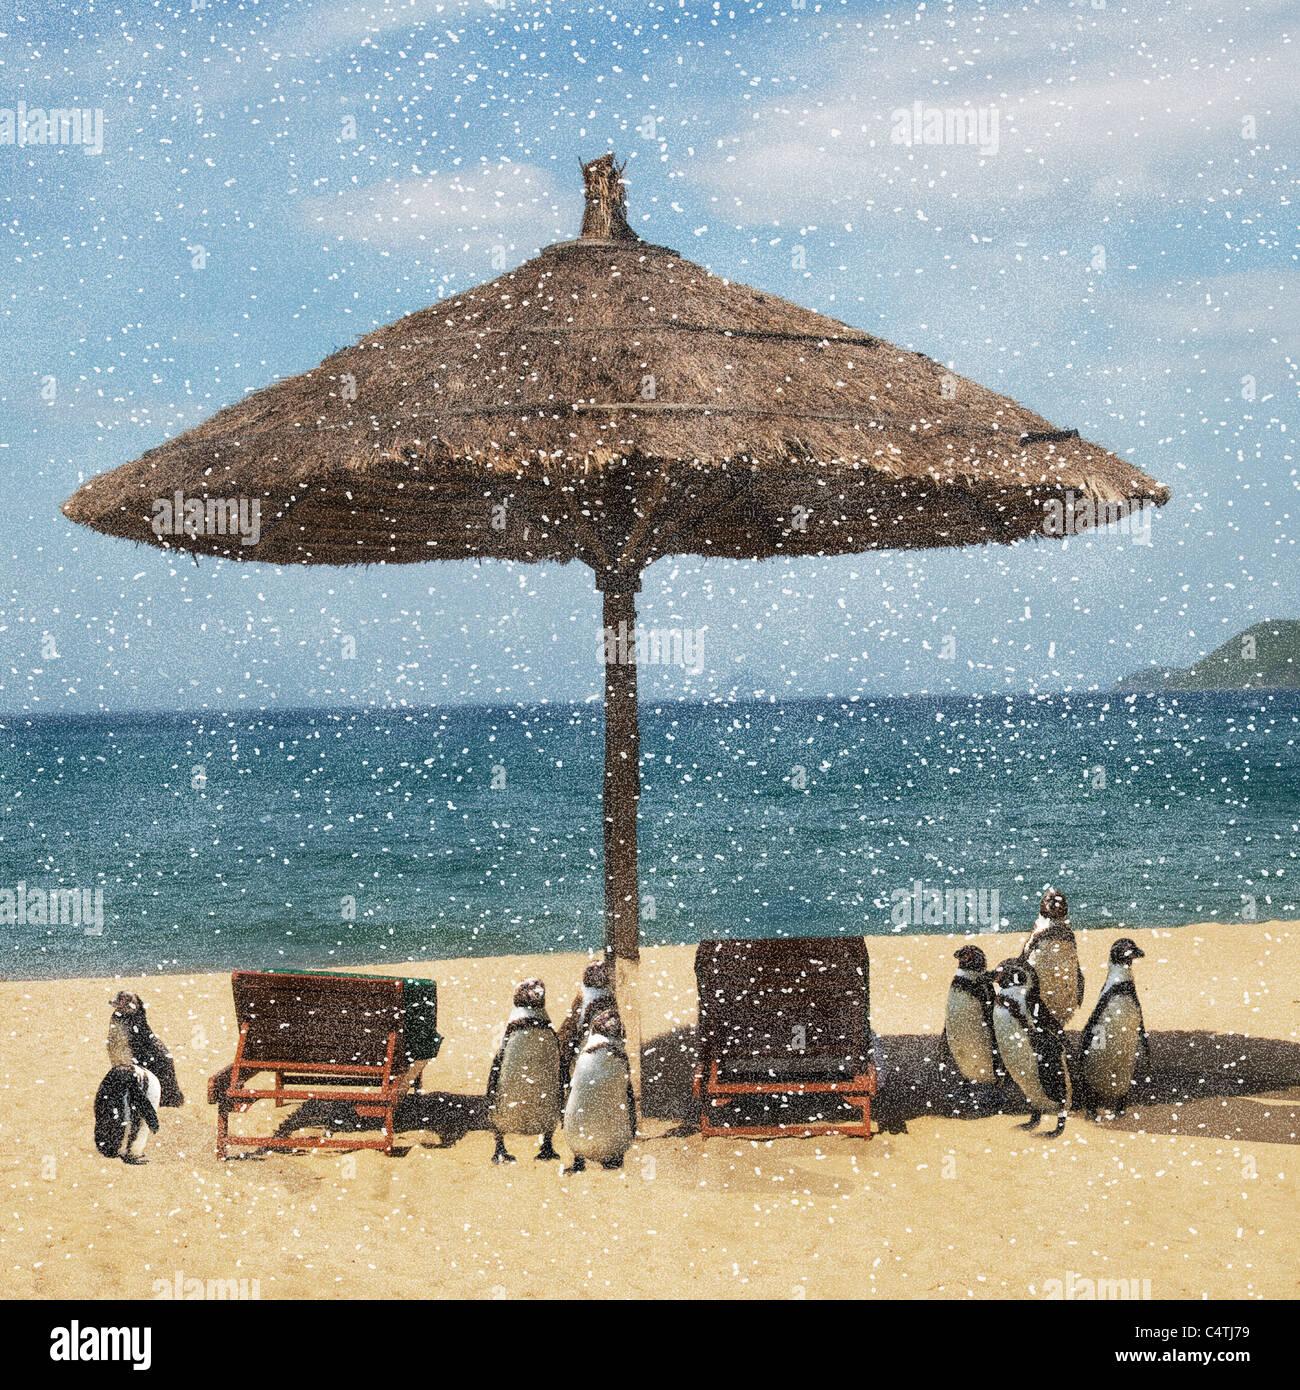 Chute de neige sur les pingouins on tropical beach Photo Stock